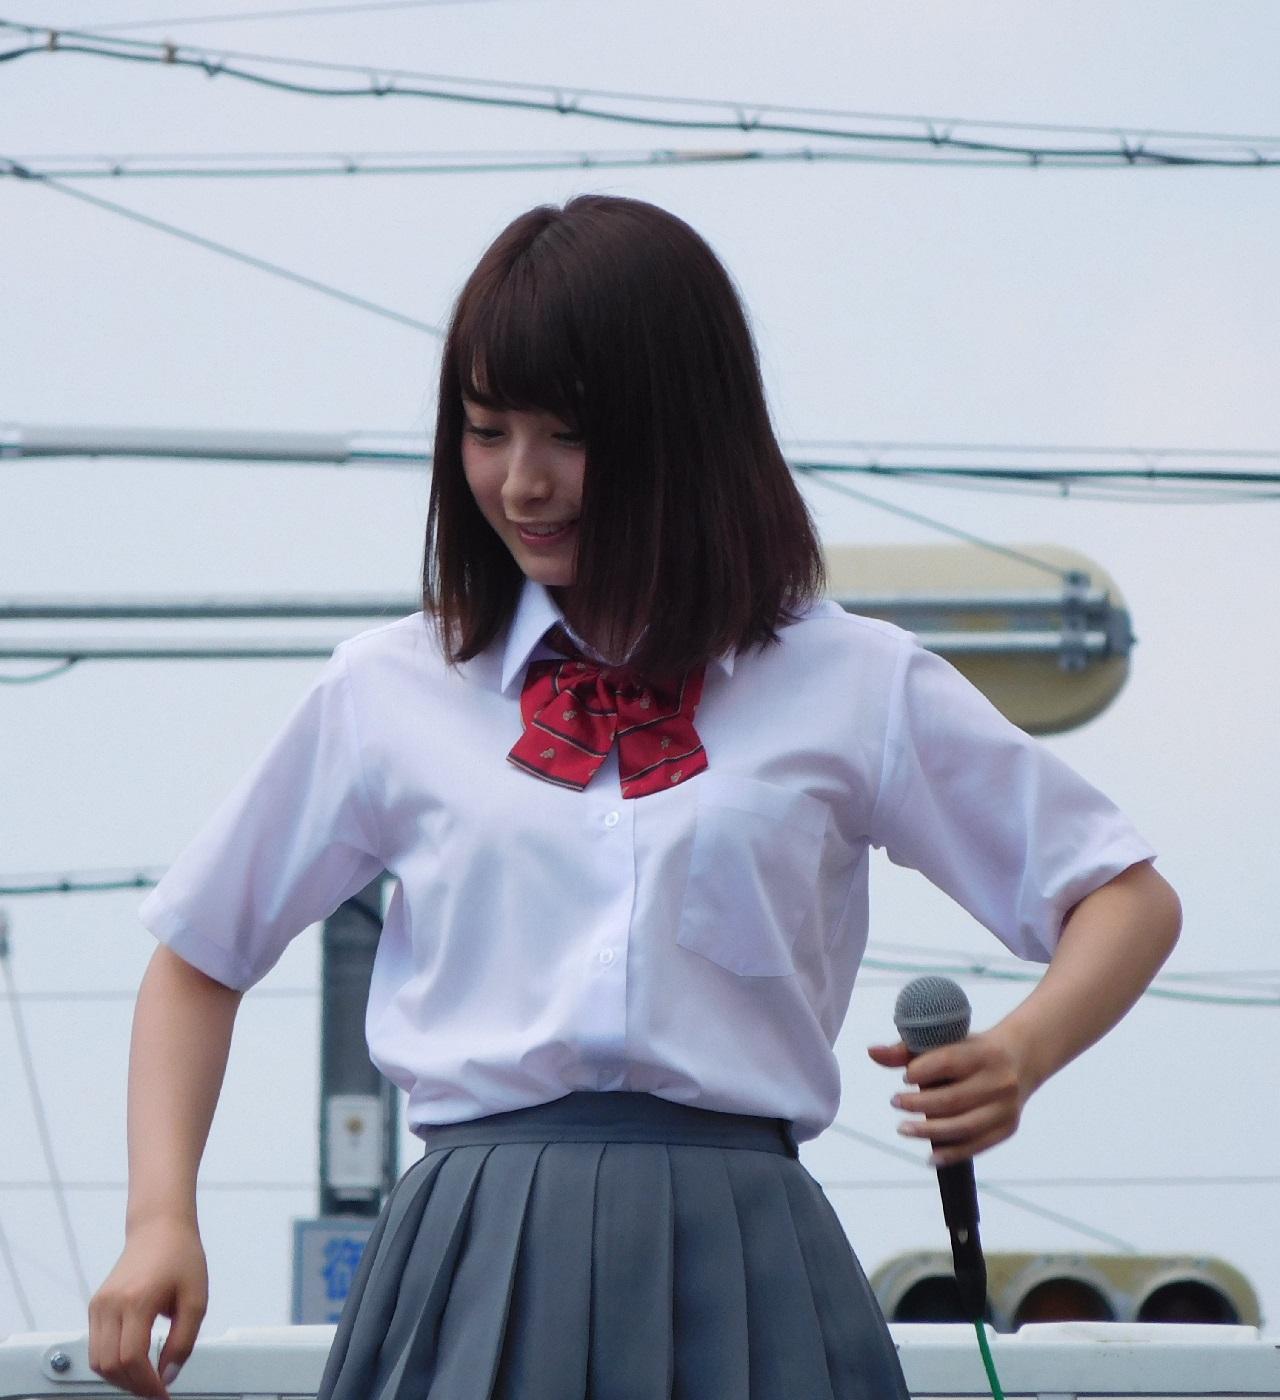 りこぴんとあんじょうし宣伝動画さつえい(ゆ) (15) 1280-1400